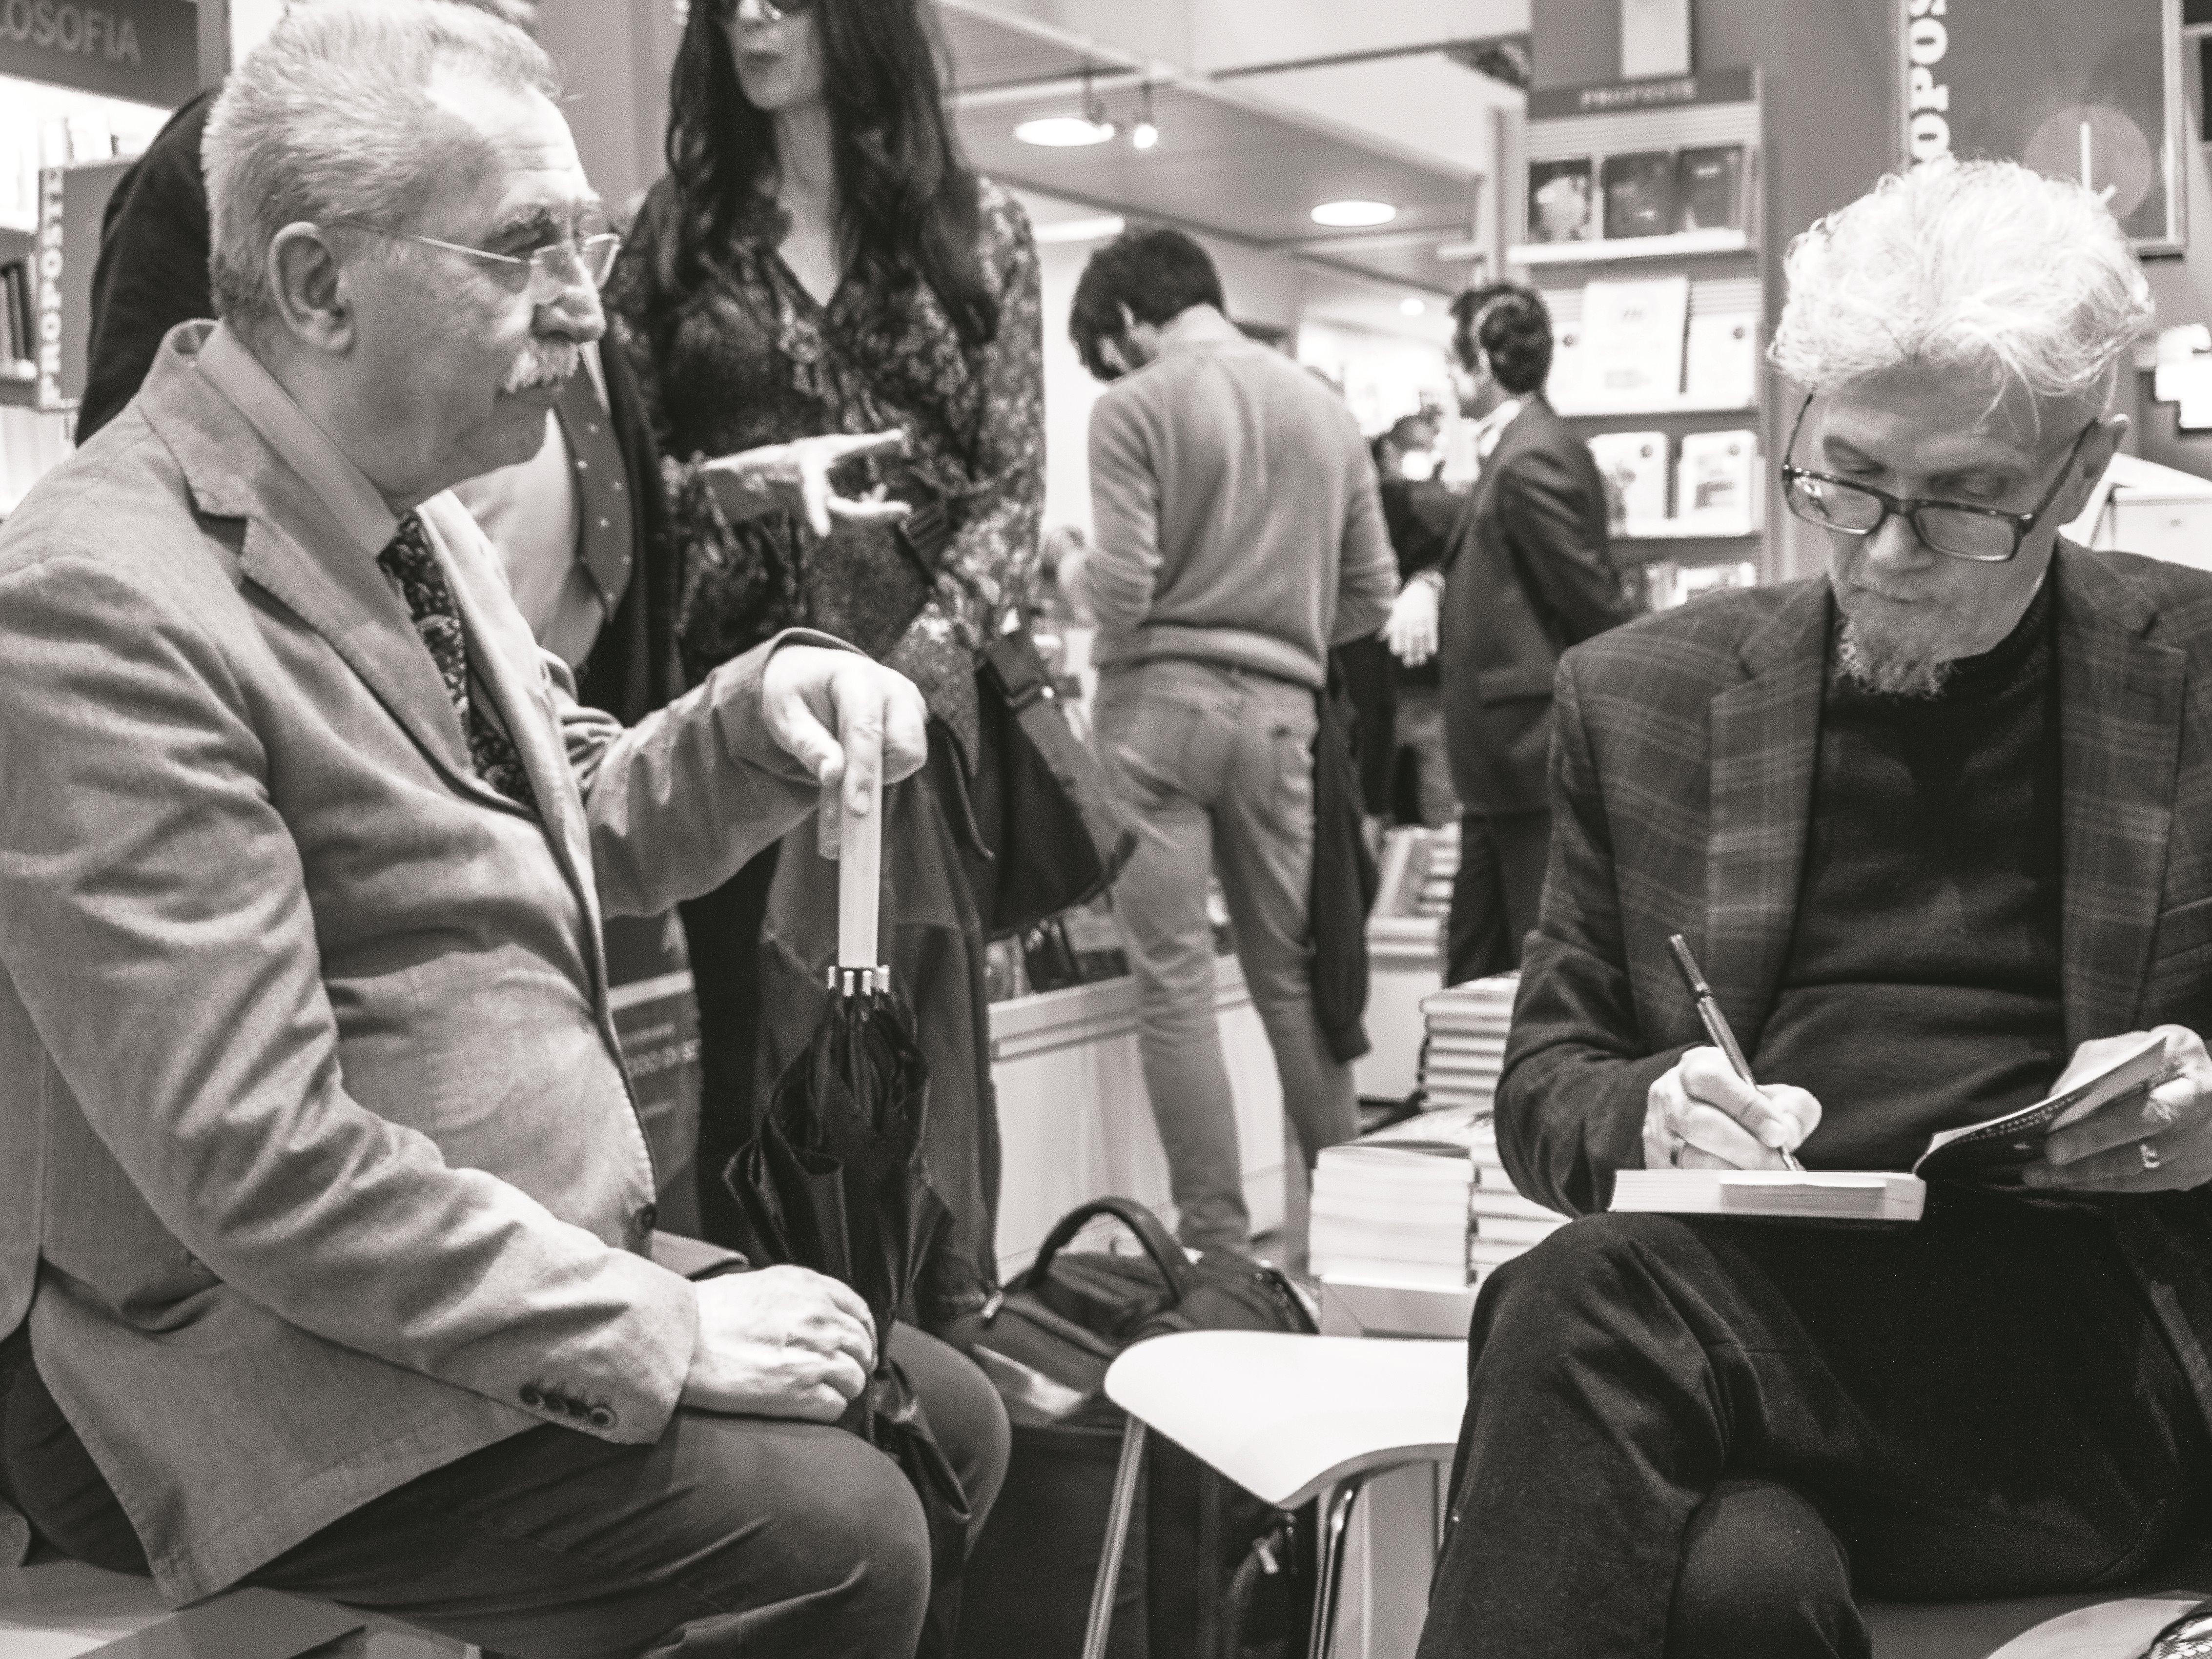 """Presentazione del libro di Eduard Limonov """"Zona industriale"""" presso IBS+Libraccio a Roma. Giulietto Chiesa e Eduard Limonov."""